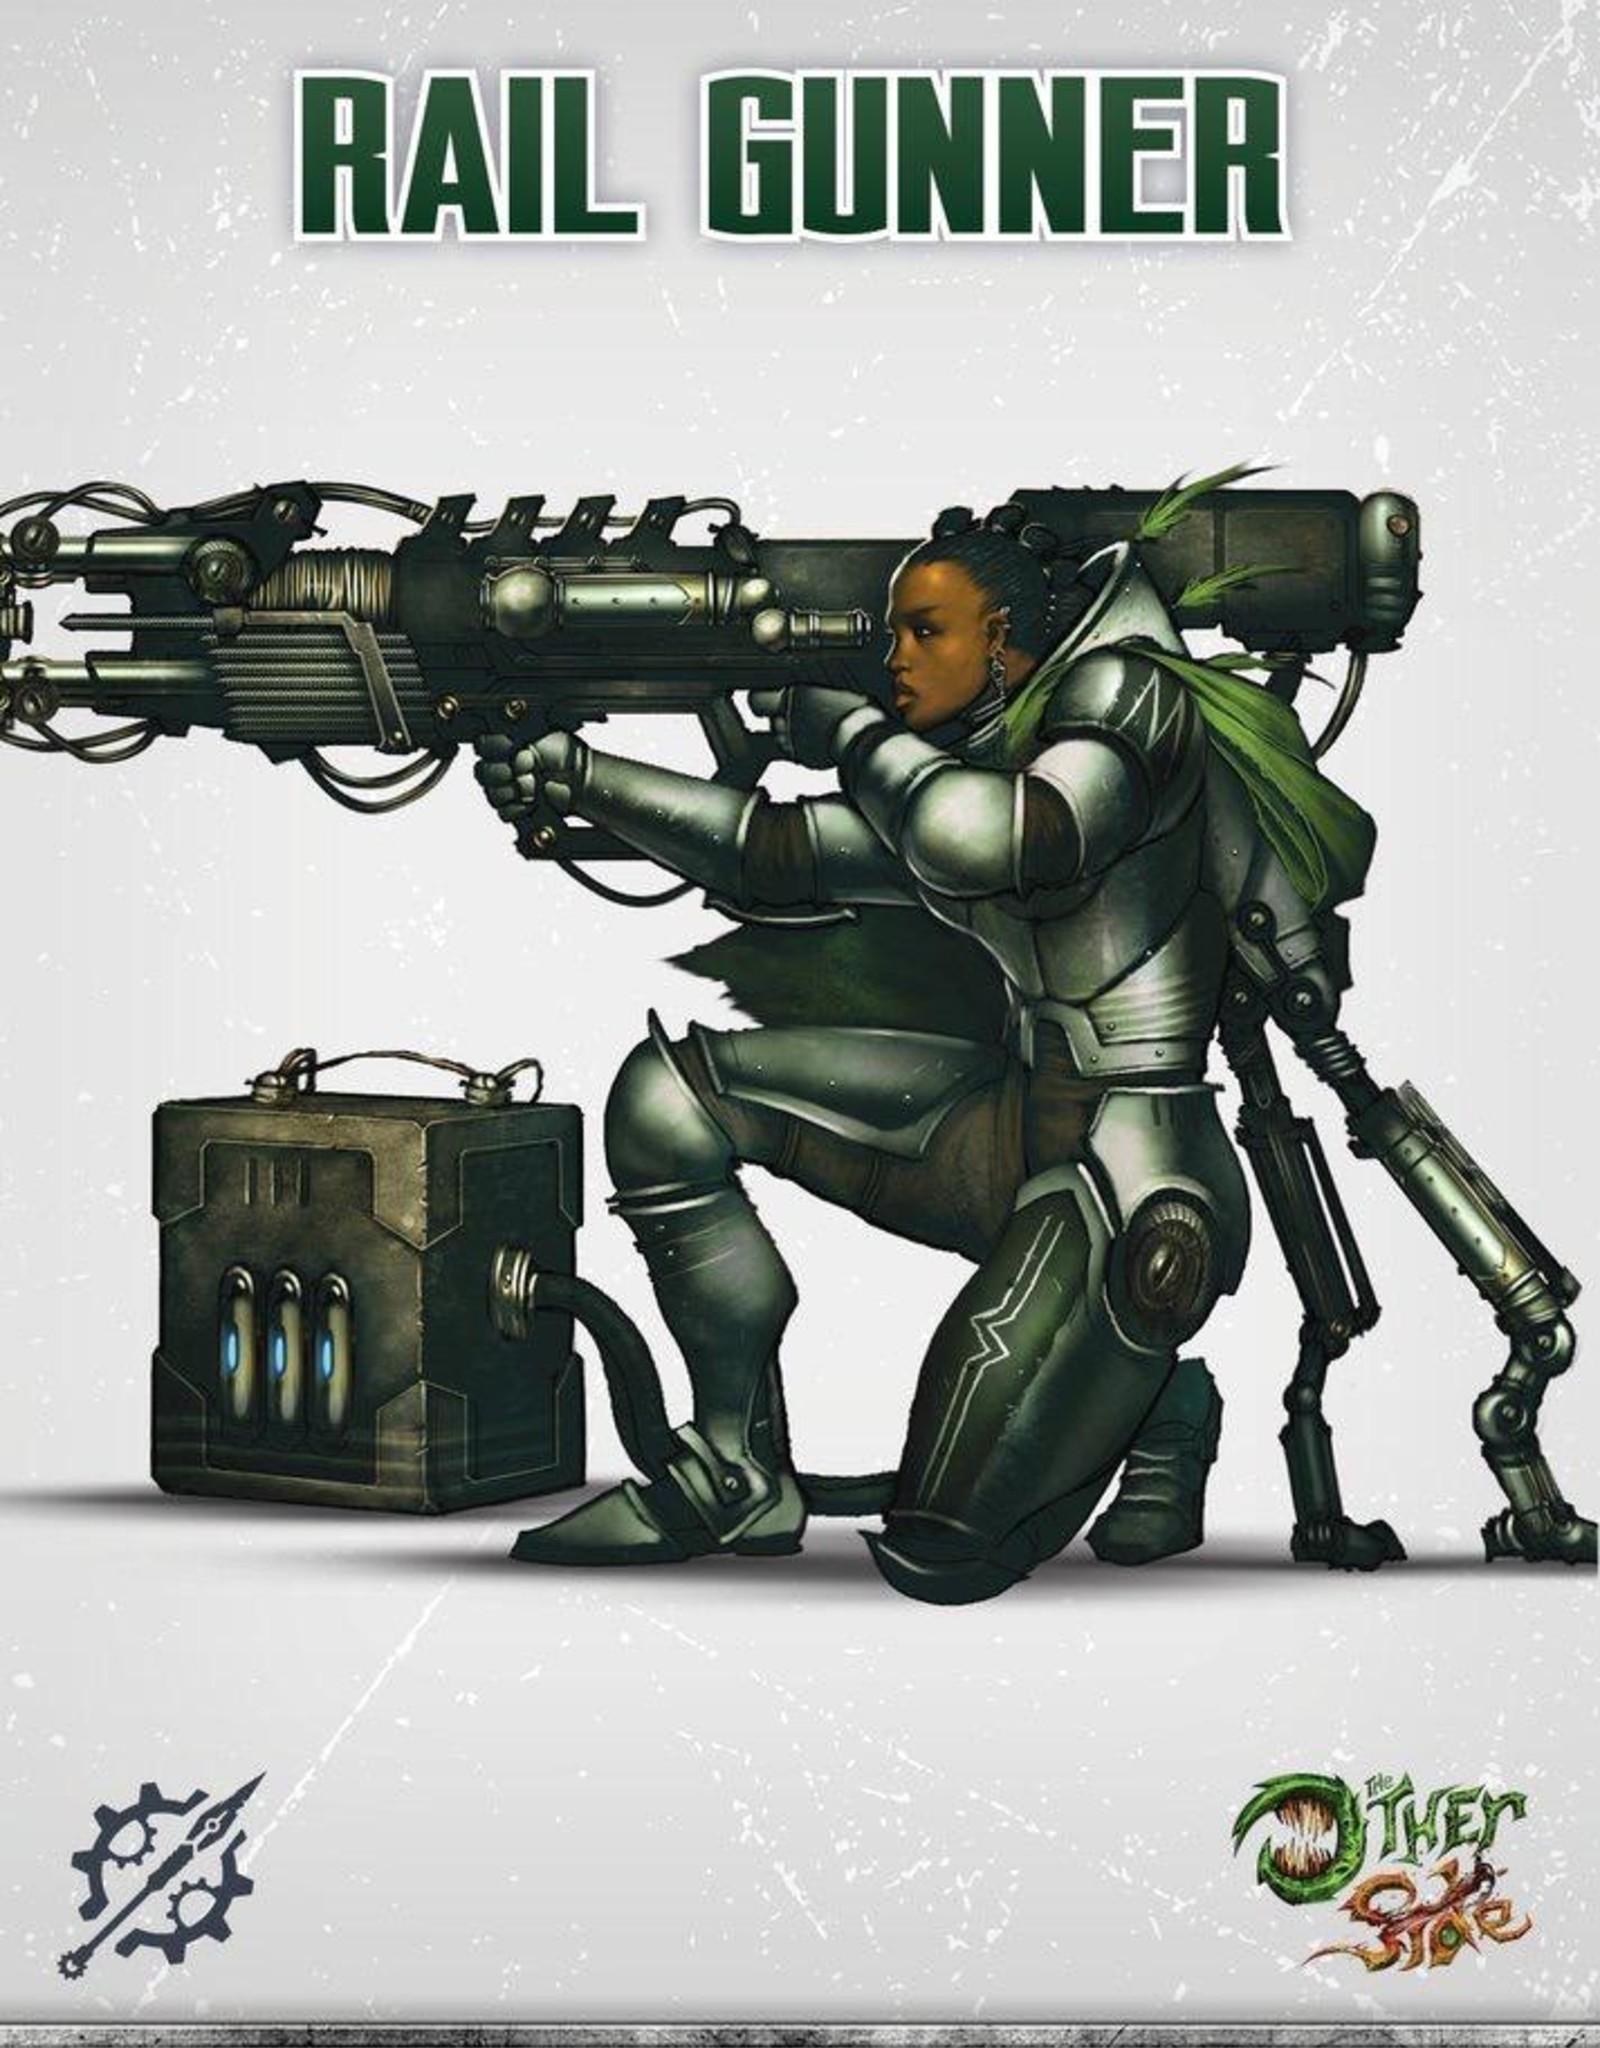 WYR - The Other Side Rail Gunner